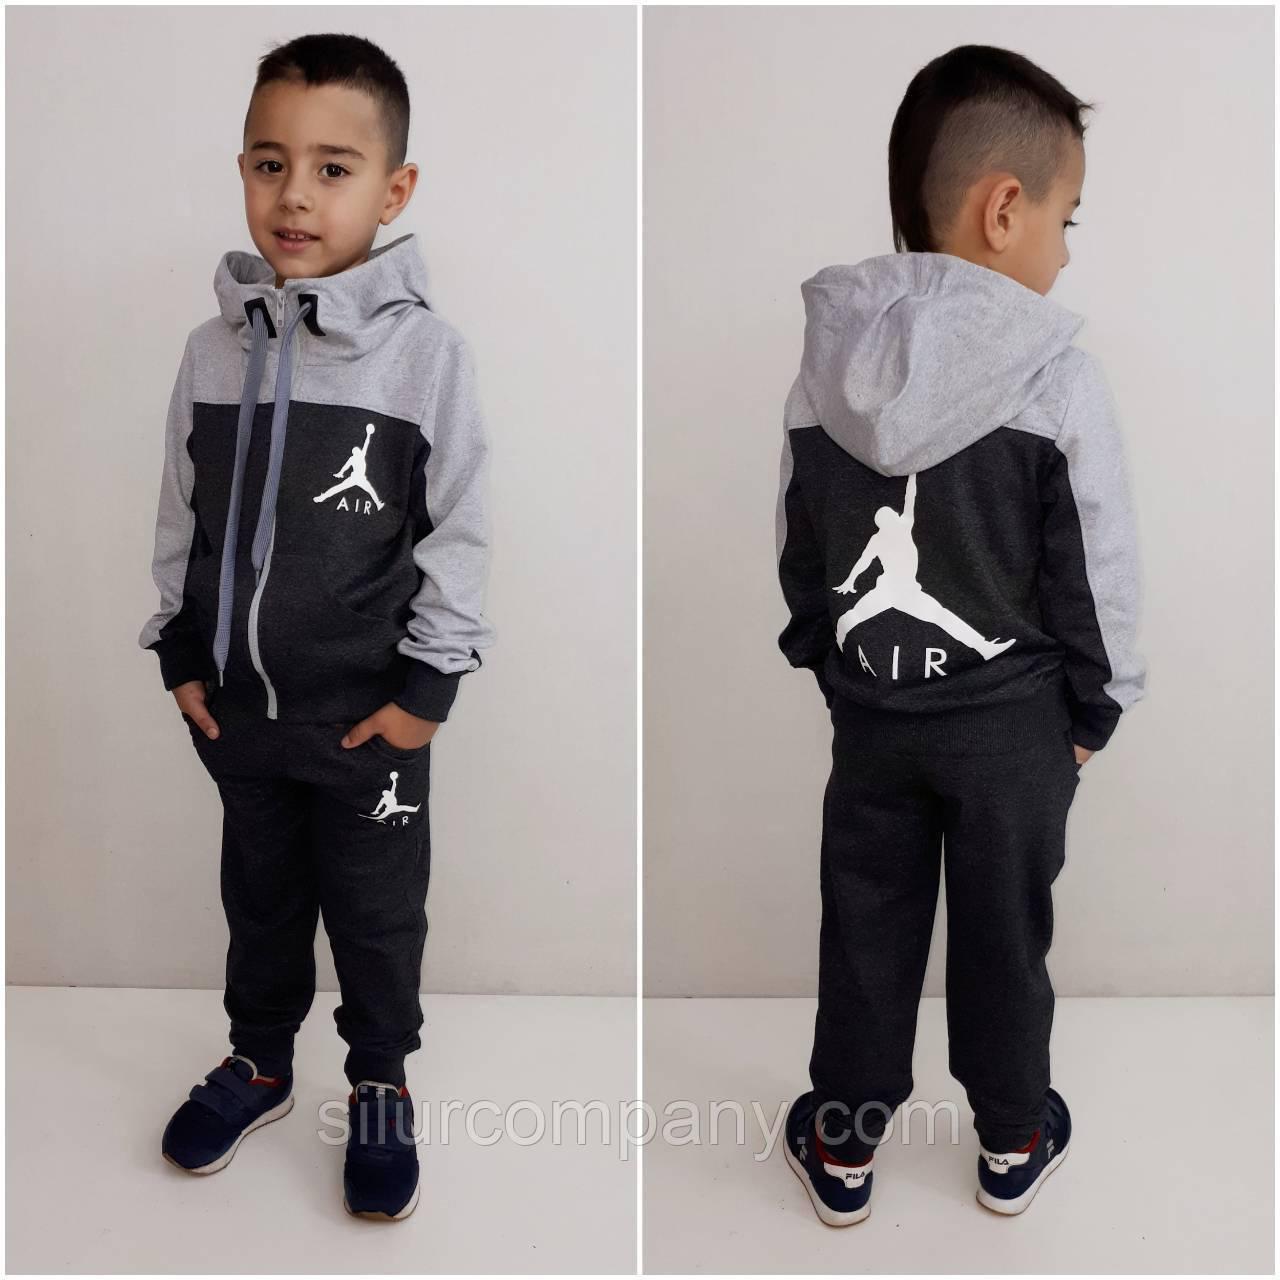 661221944ff7 Оригинальный спортивный костюм для мальчика из трикотажа   Костюм Найк для  ...